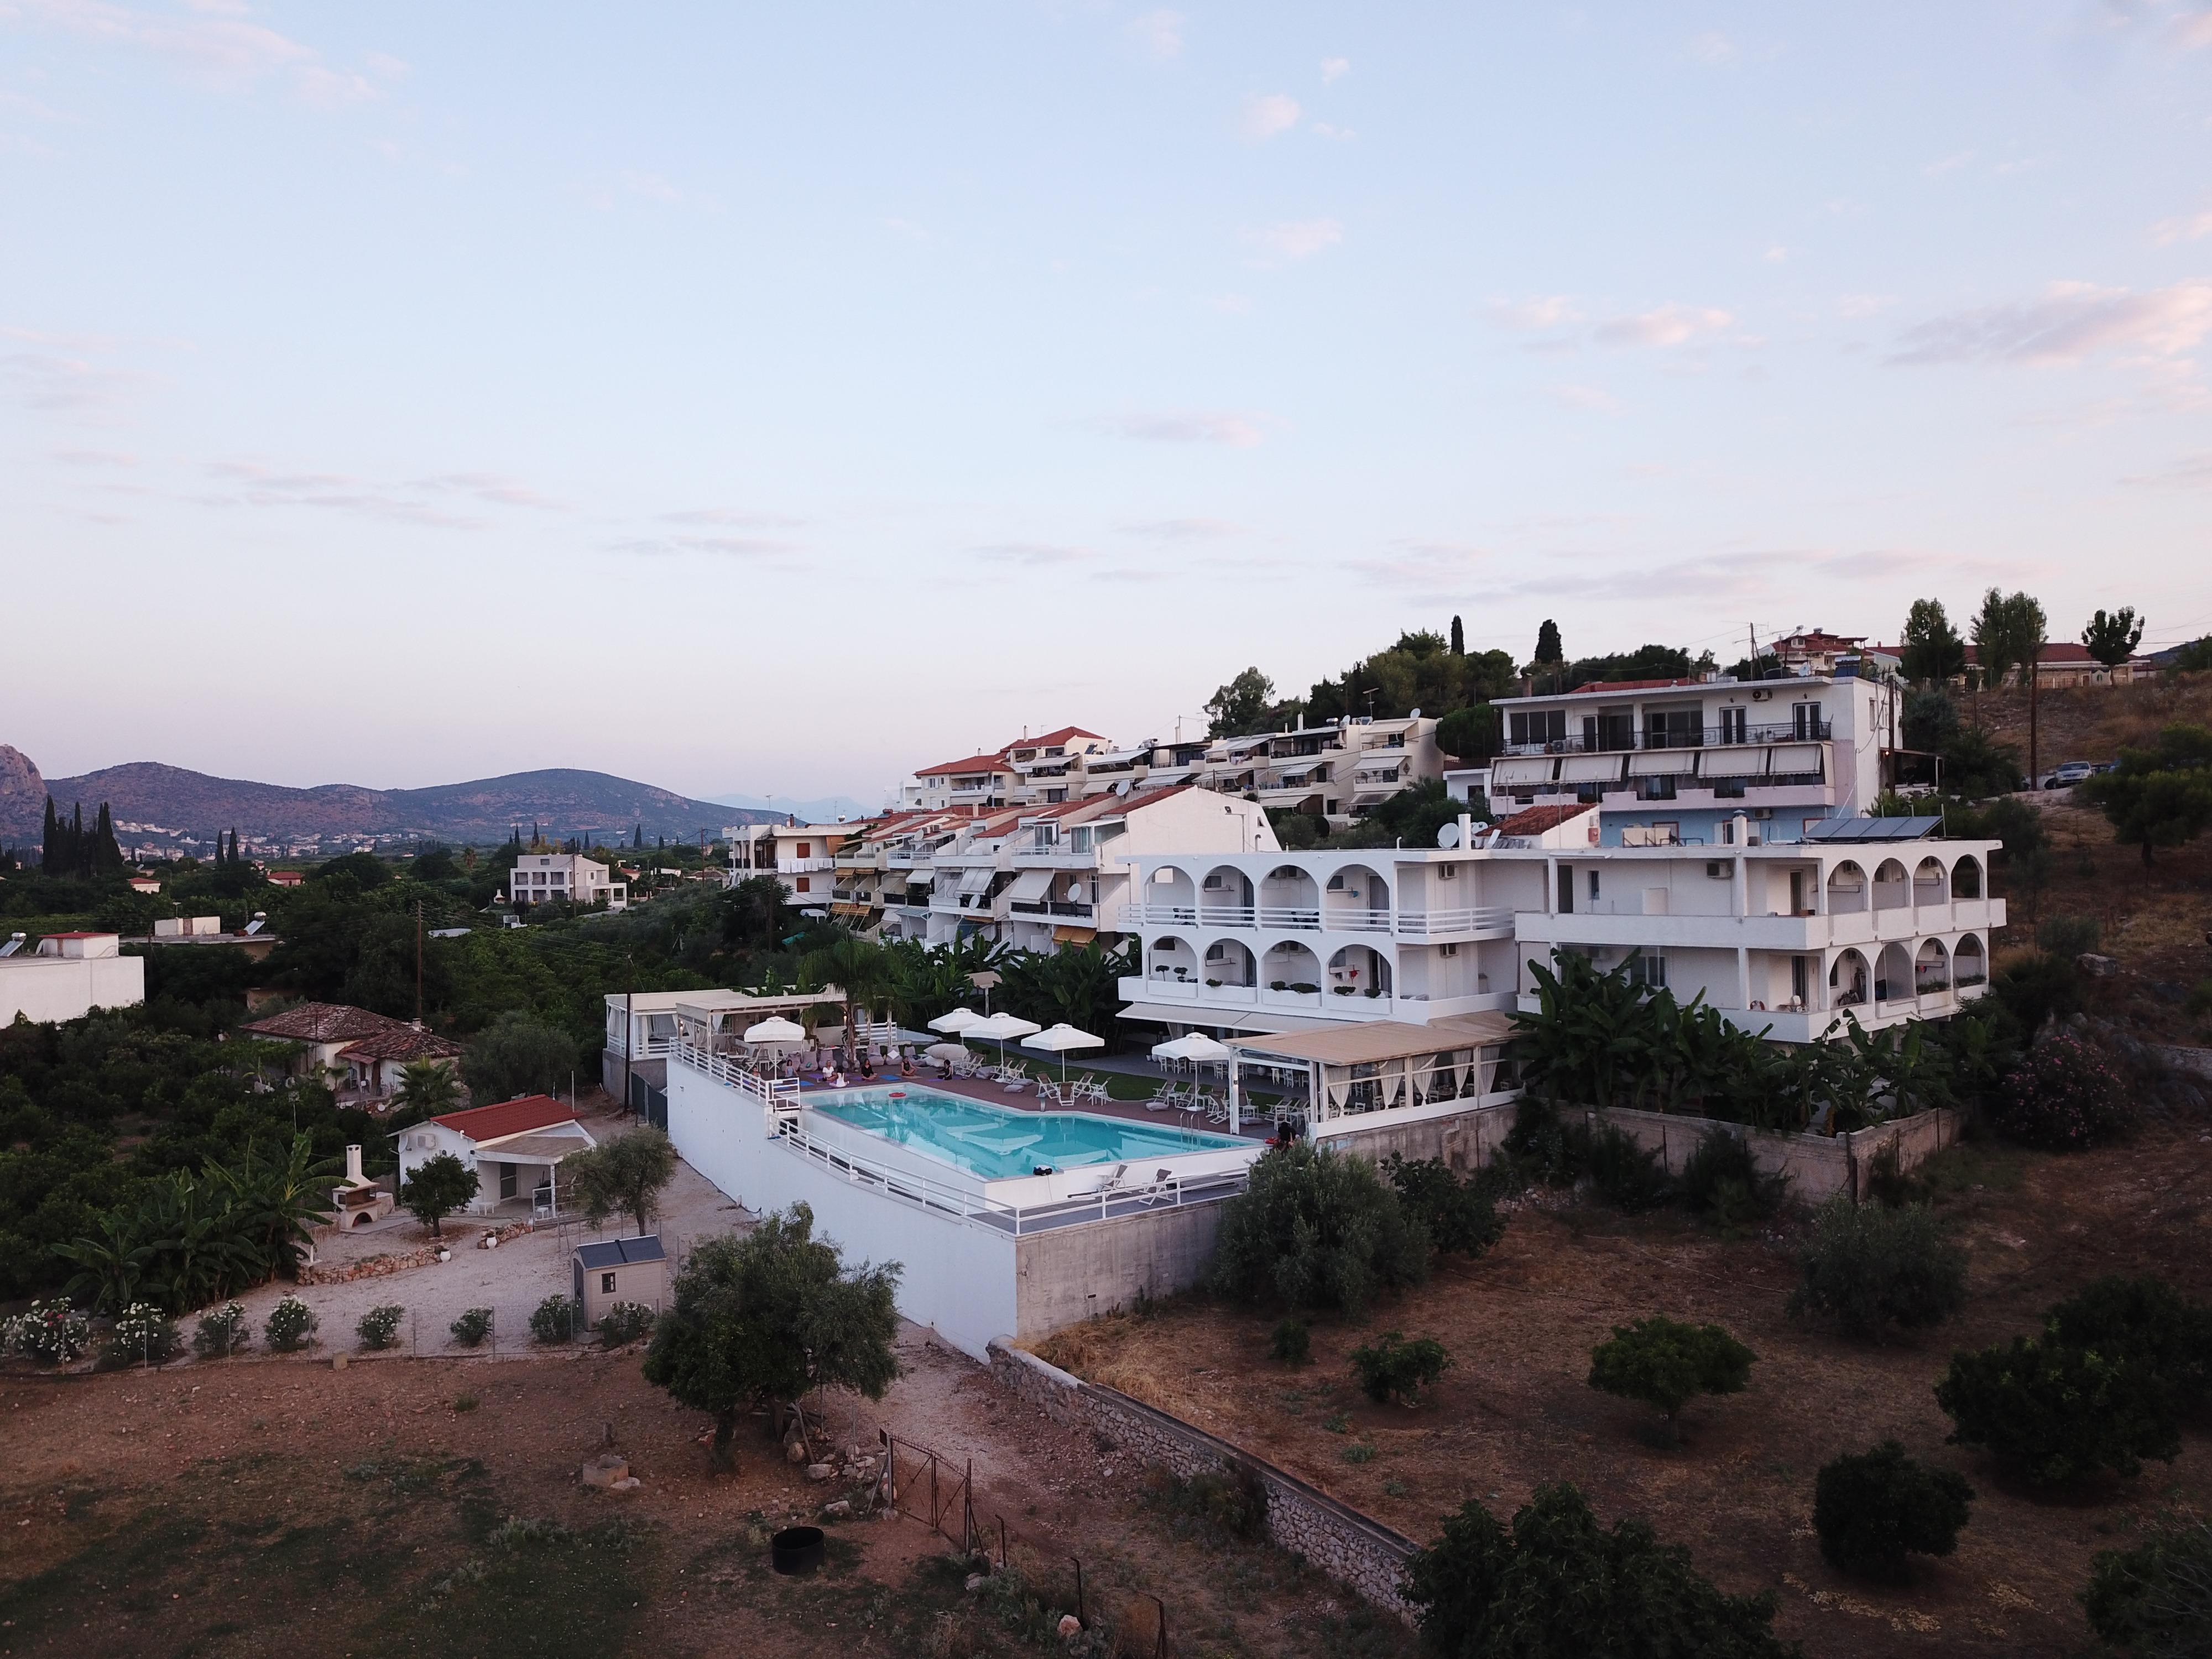 יוגה פילאטיס ומדיטציה ביוון - יוון - יוגה טרוולס